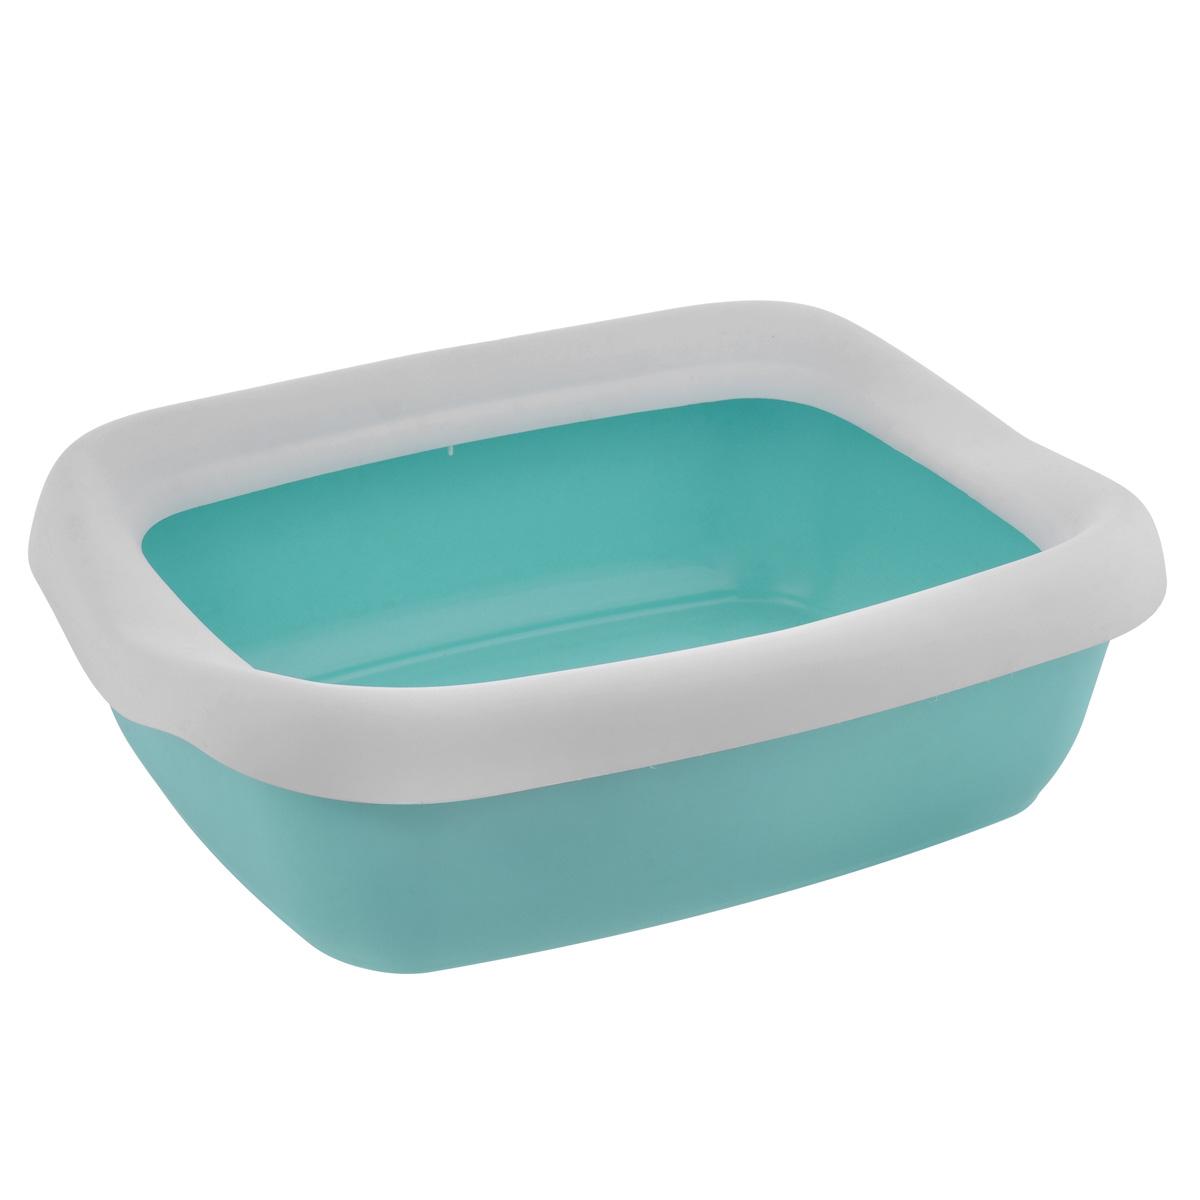 Туалет для кошек MPS Beta Maxi, с бортом, цвет: бирюзовый, белый, 49 см х 39 см х 13 смS08040200 бирюзовый, белыйТуалет для кошек MPS Beta Maxi изготовлен из качественного прочного пластика. Высокий борт, прикрепленный по периметру лотка, удобно защелкивается и предотвращает разбрасывание наполнителя. Это самый простой в употреблении предмет обихода для кошек и котов.